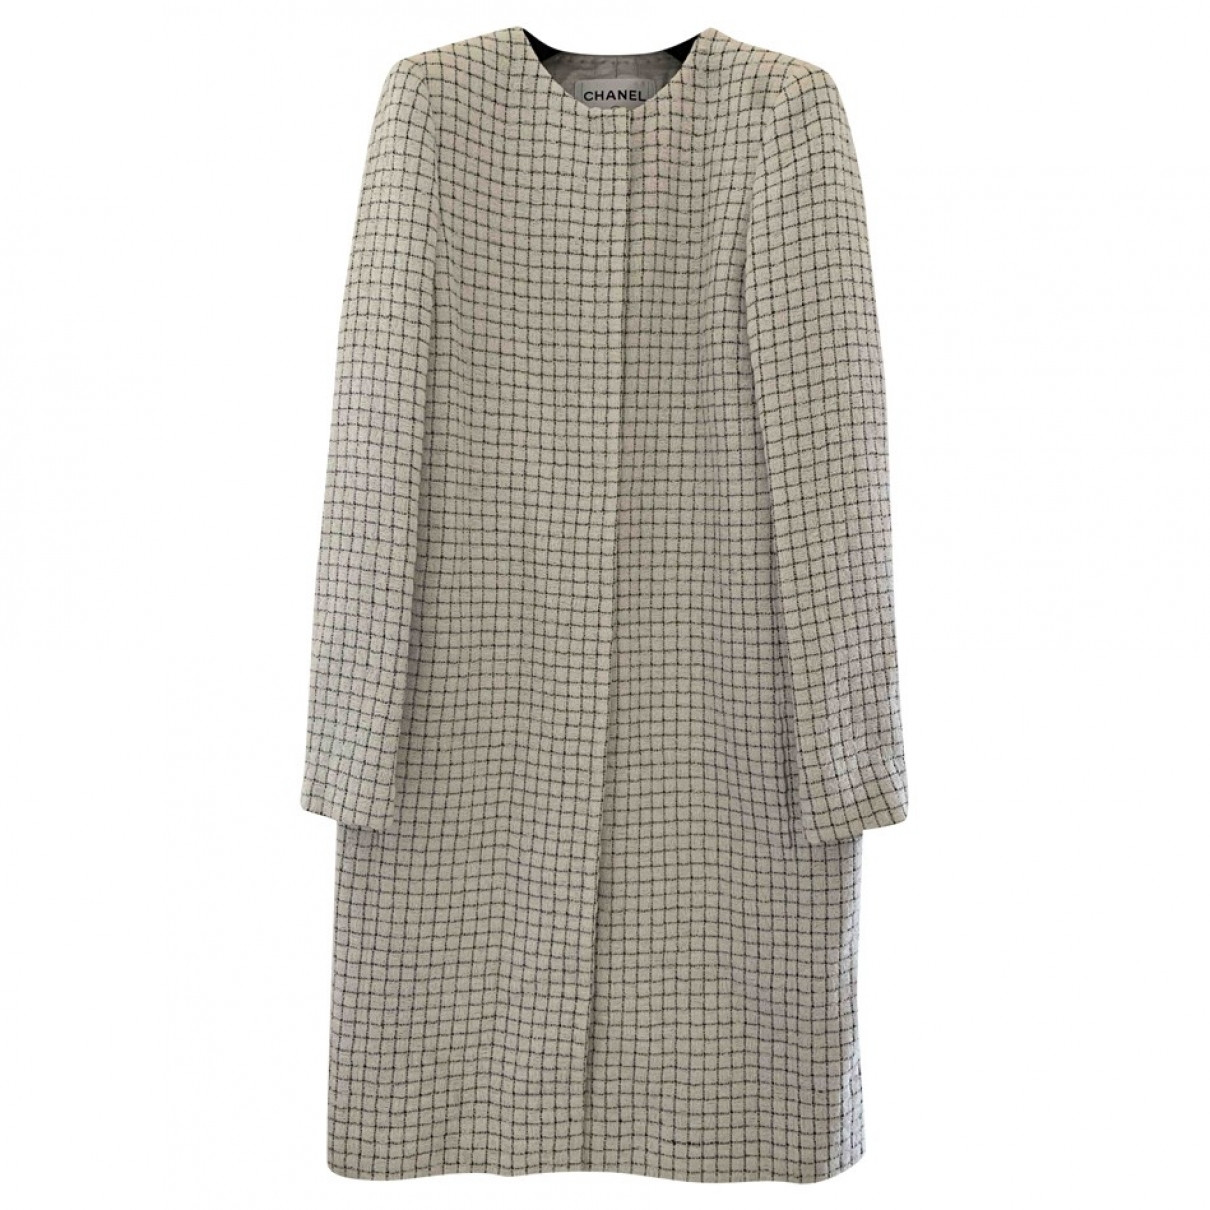 Chanel - Manteau   pour femme - blanc